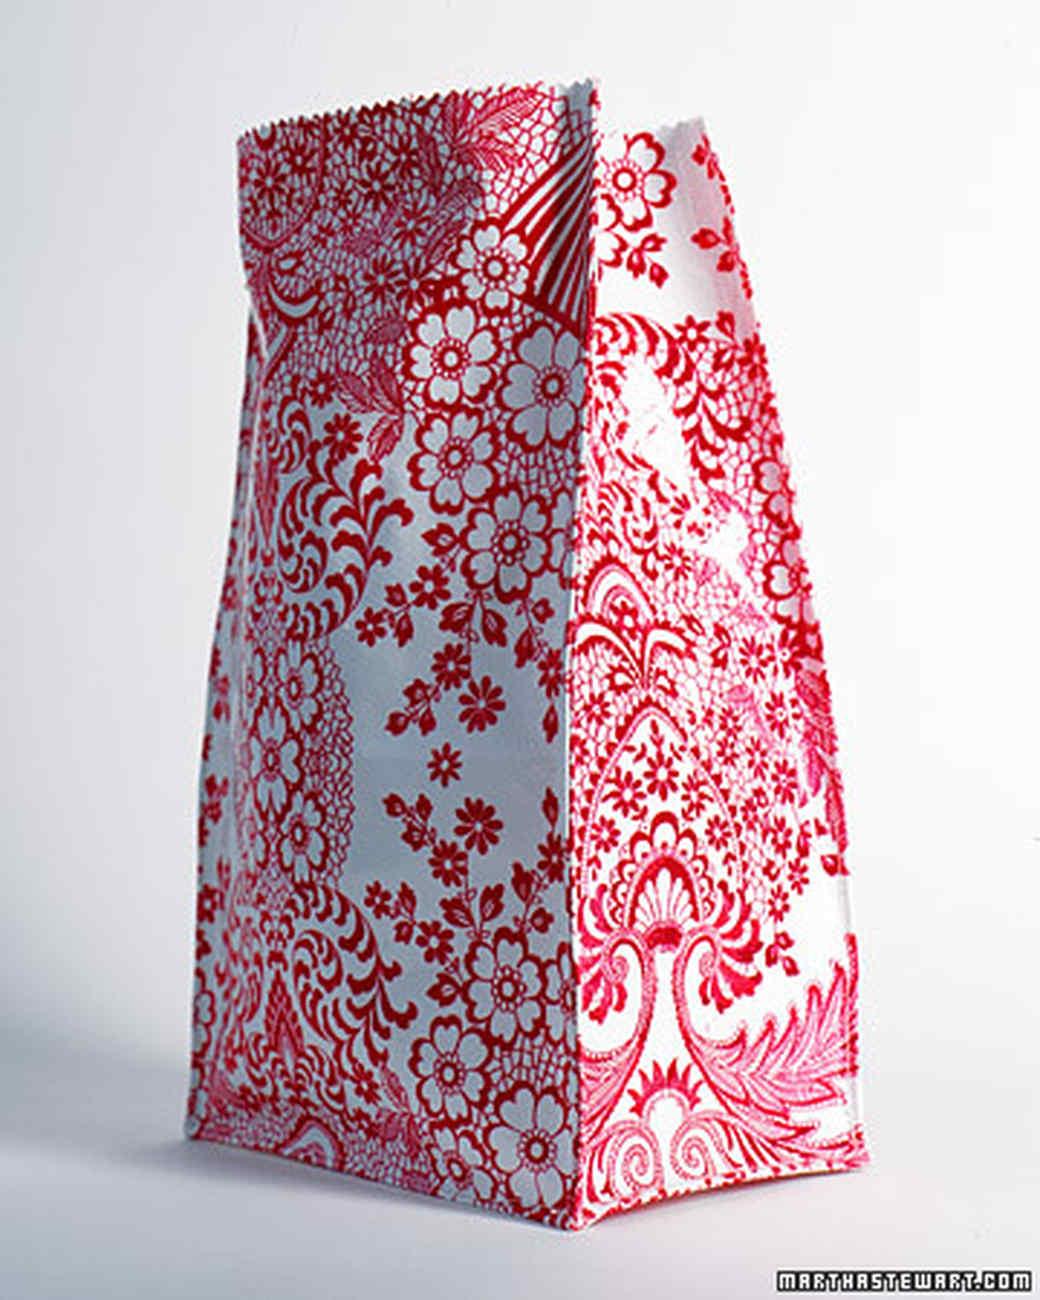 a98535_0701_pinkflowerbag.jpg